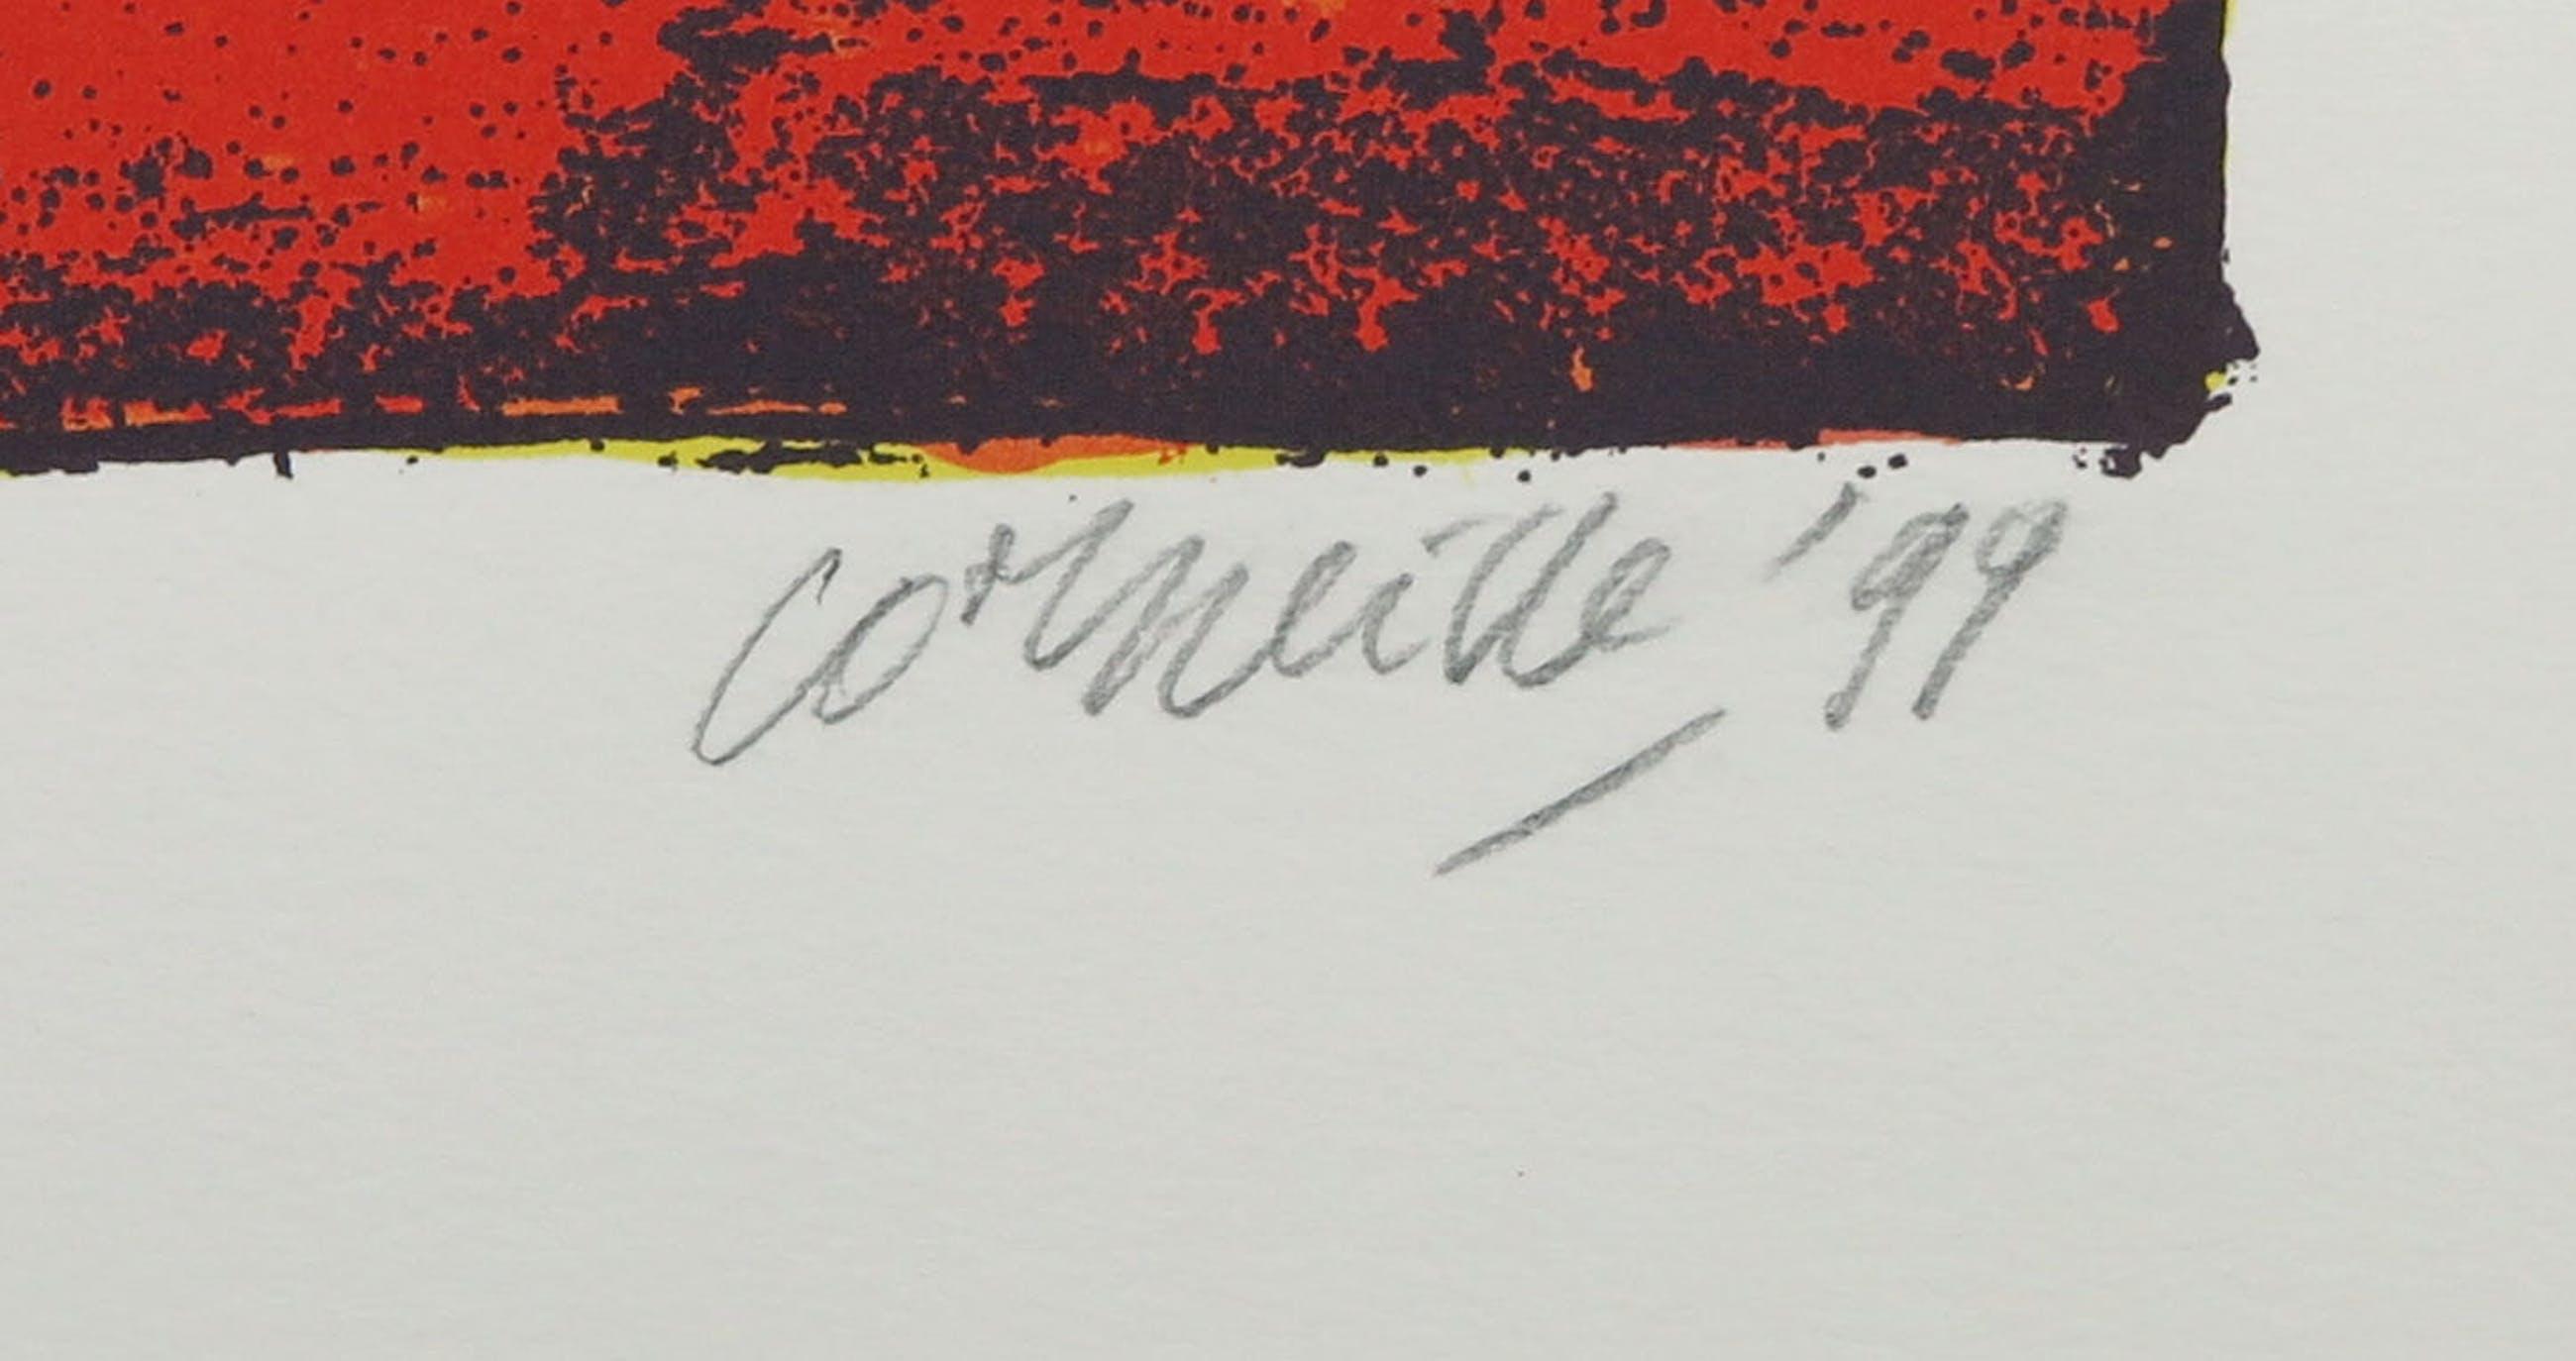 Corneille - Zeefdruk, Une belle journée kopen? Bied vanaf 1!